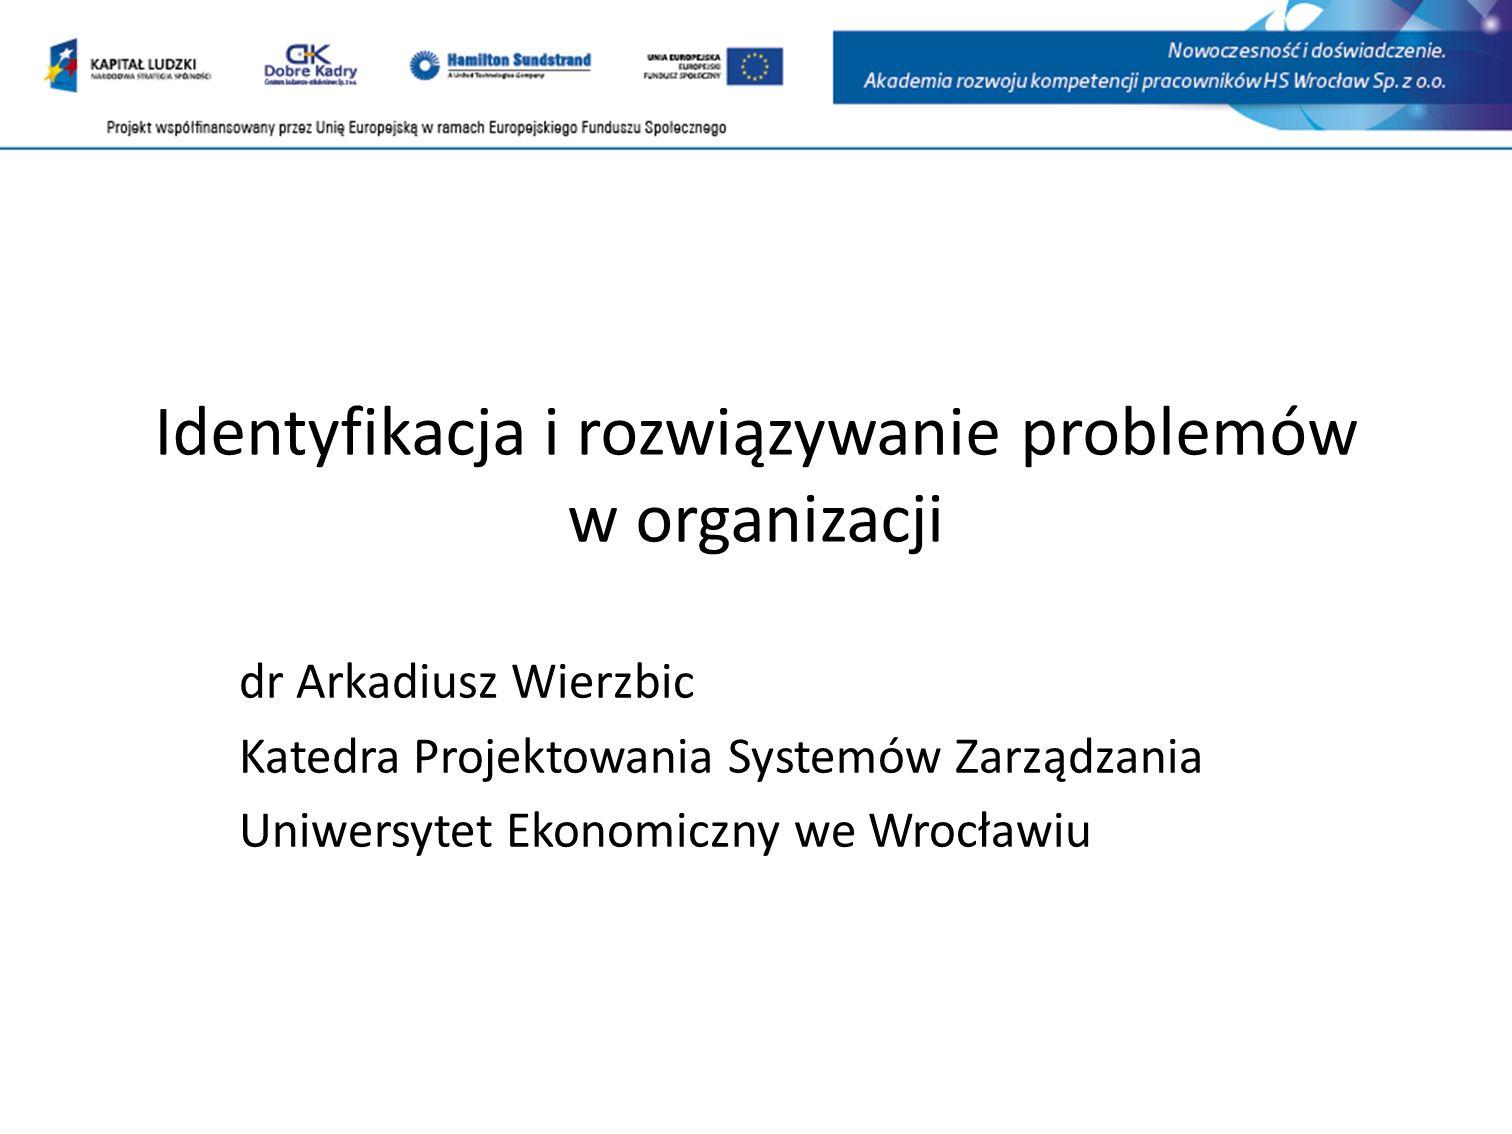 Przedstawienie prowadzącego Prowadzący: dr Arkadiusz Wierzbic Adiunkt w Katedrze Projektowania Systemów Zarządzania Uniwersytetu Ekonomicznego we Wrocławiu auditor wiodący i konsultant systemów zarządzania jakością ISO 9001 tel.